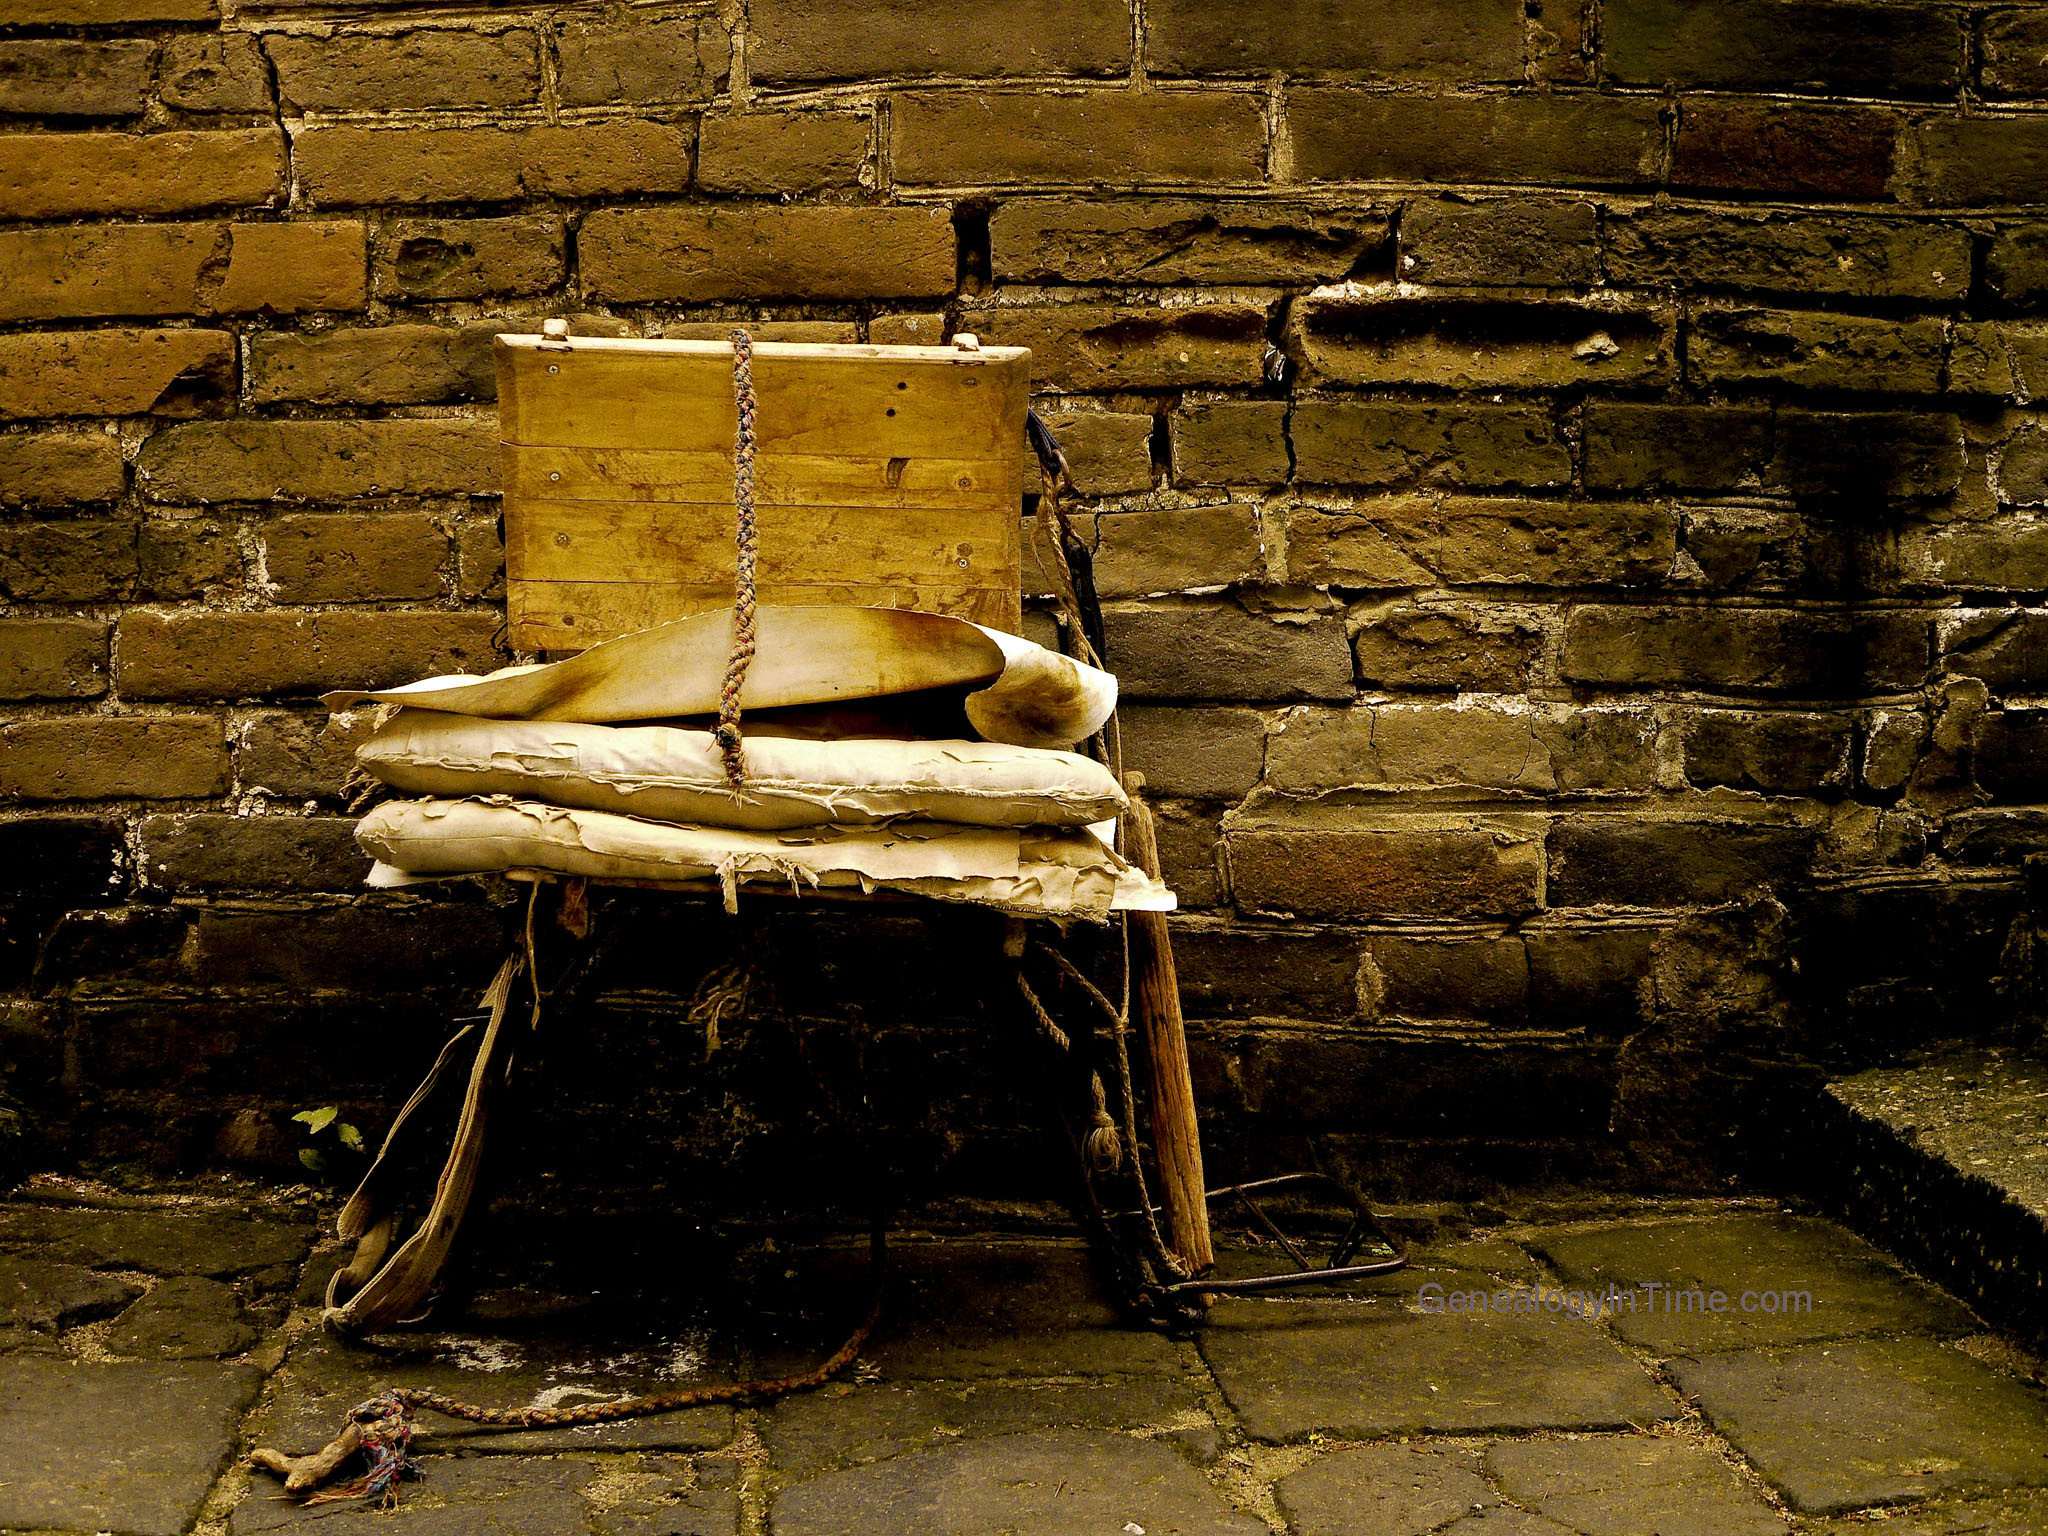 vintage chair and brick wall at Great Wall of China